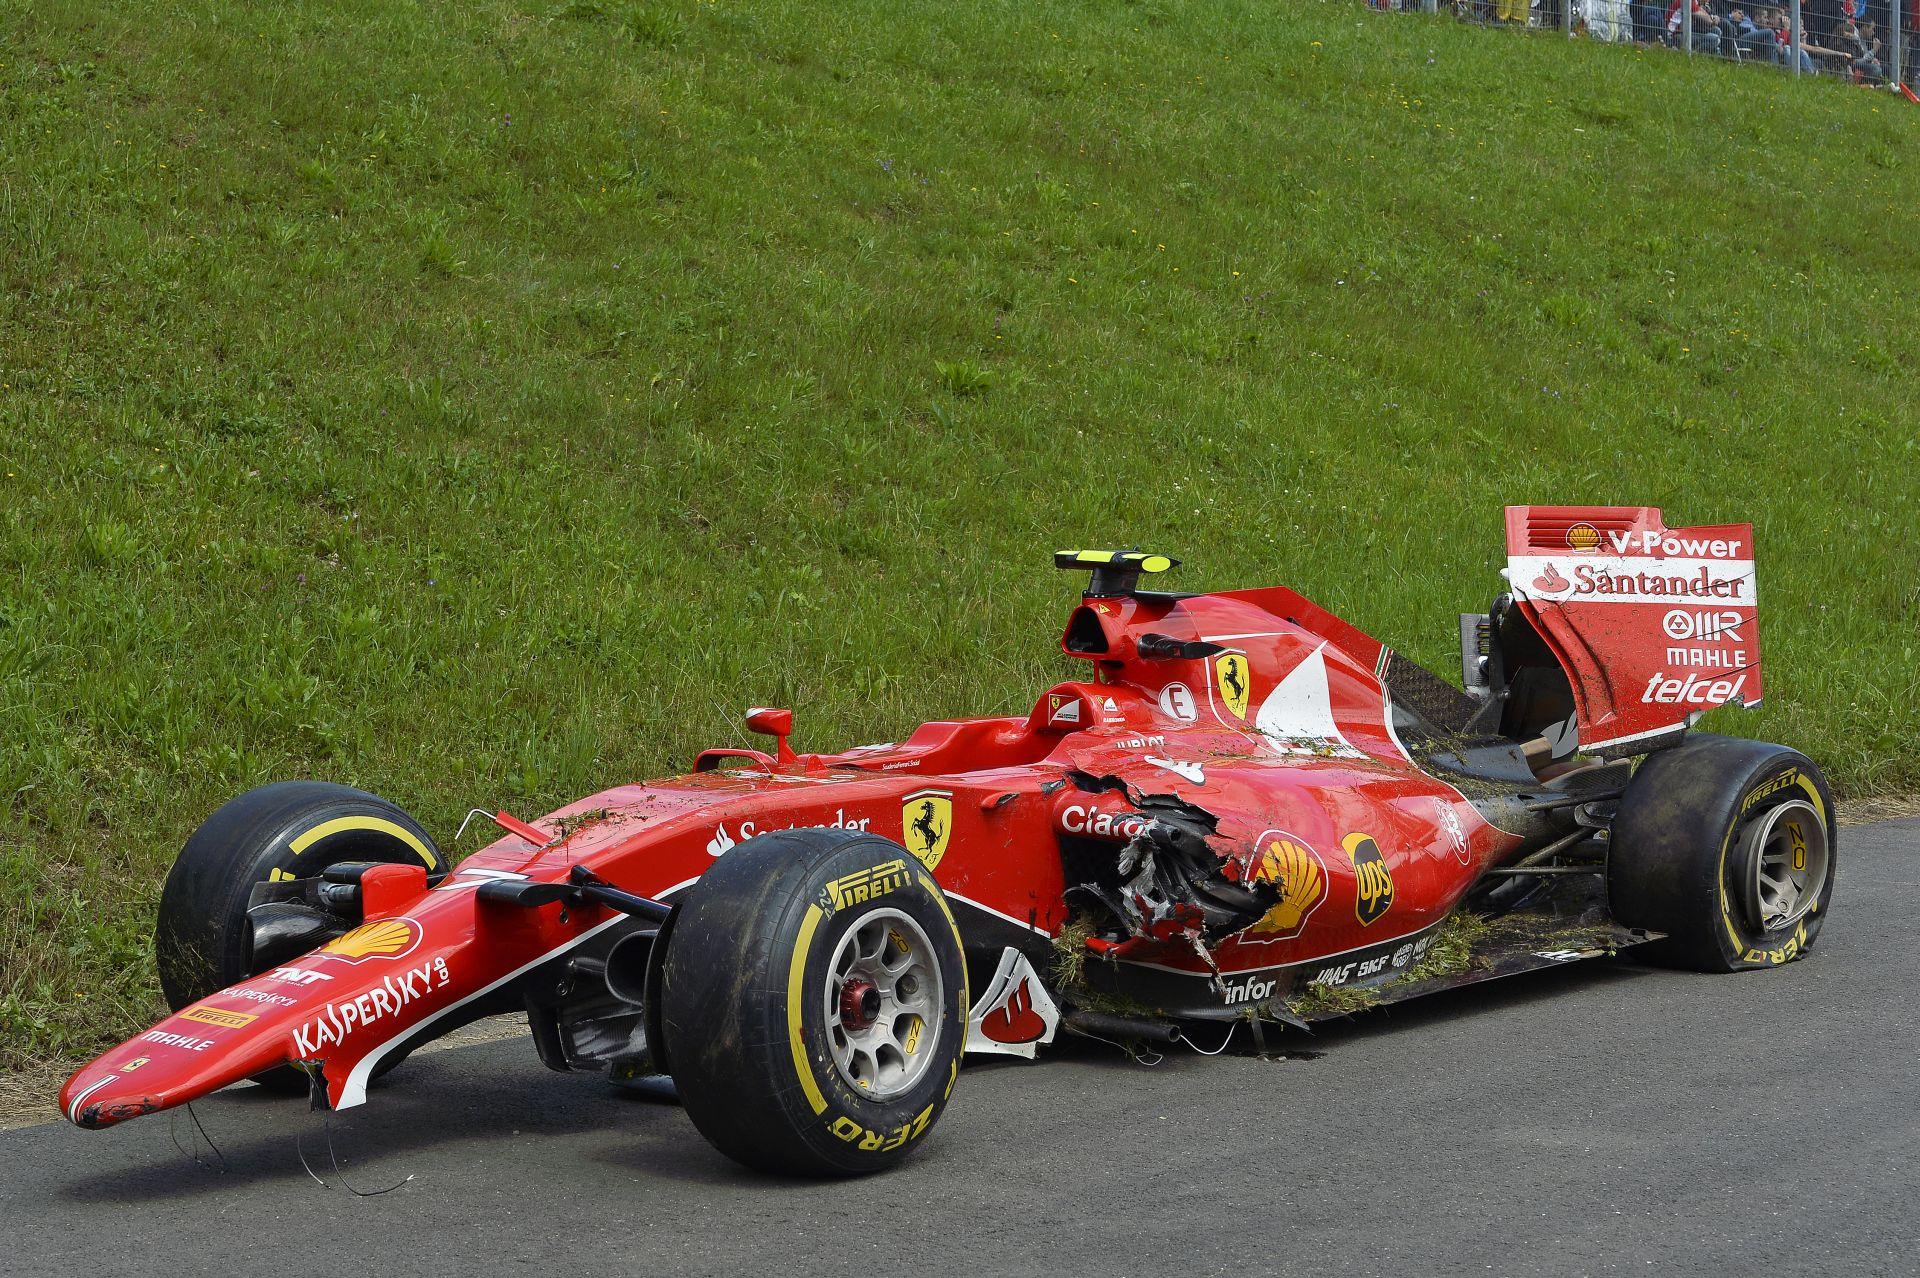 ÉLŐBEN: Raikkönen távozás előtt? Alonso élete legrosszabb döntése? Hamiltonnal mi van, simán verte Rosberg!